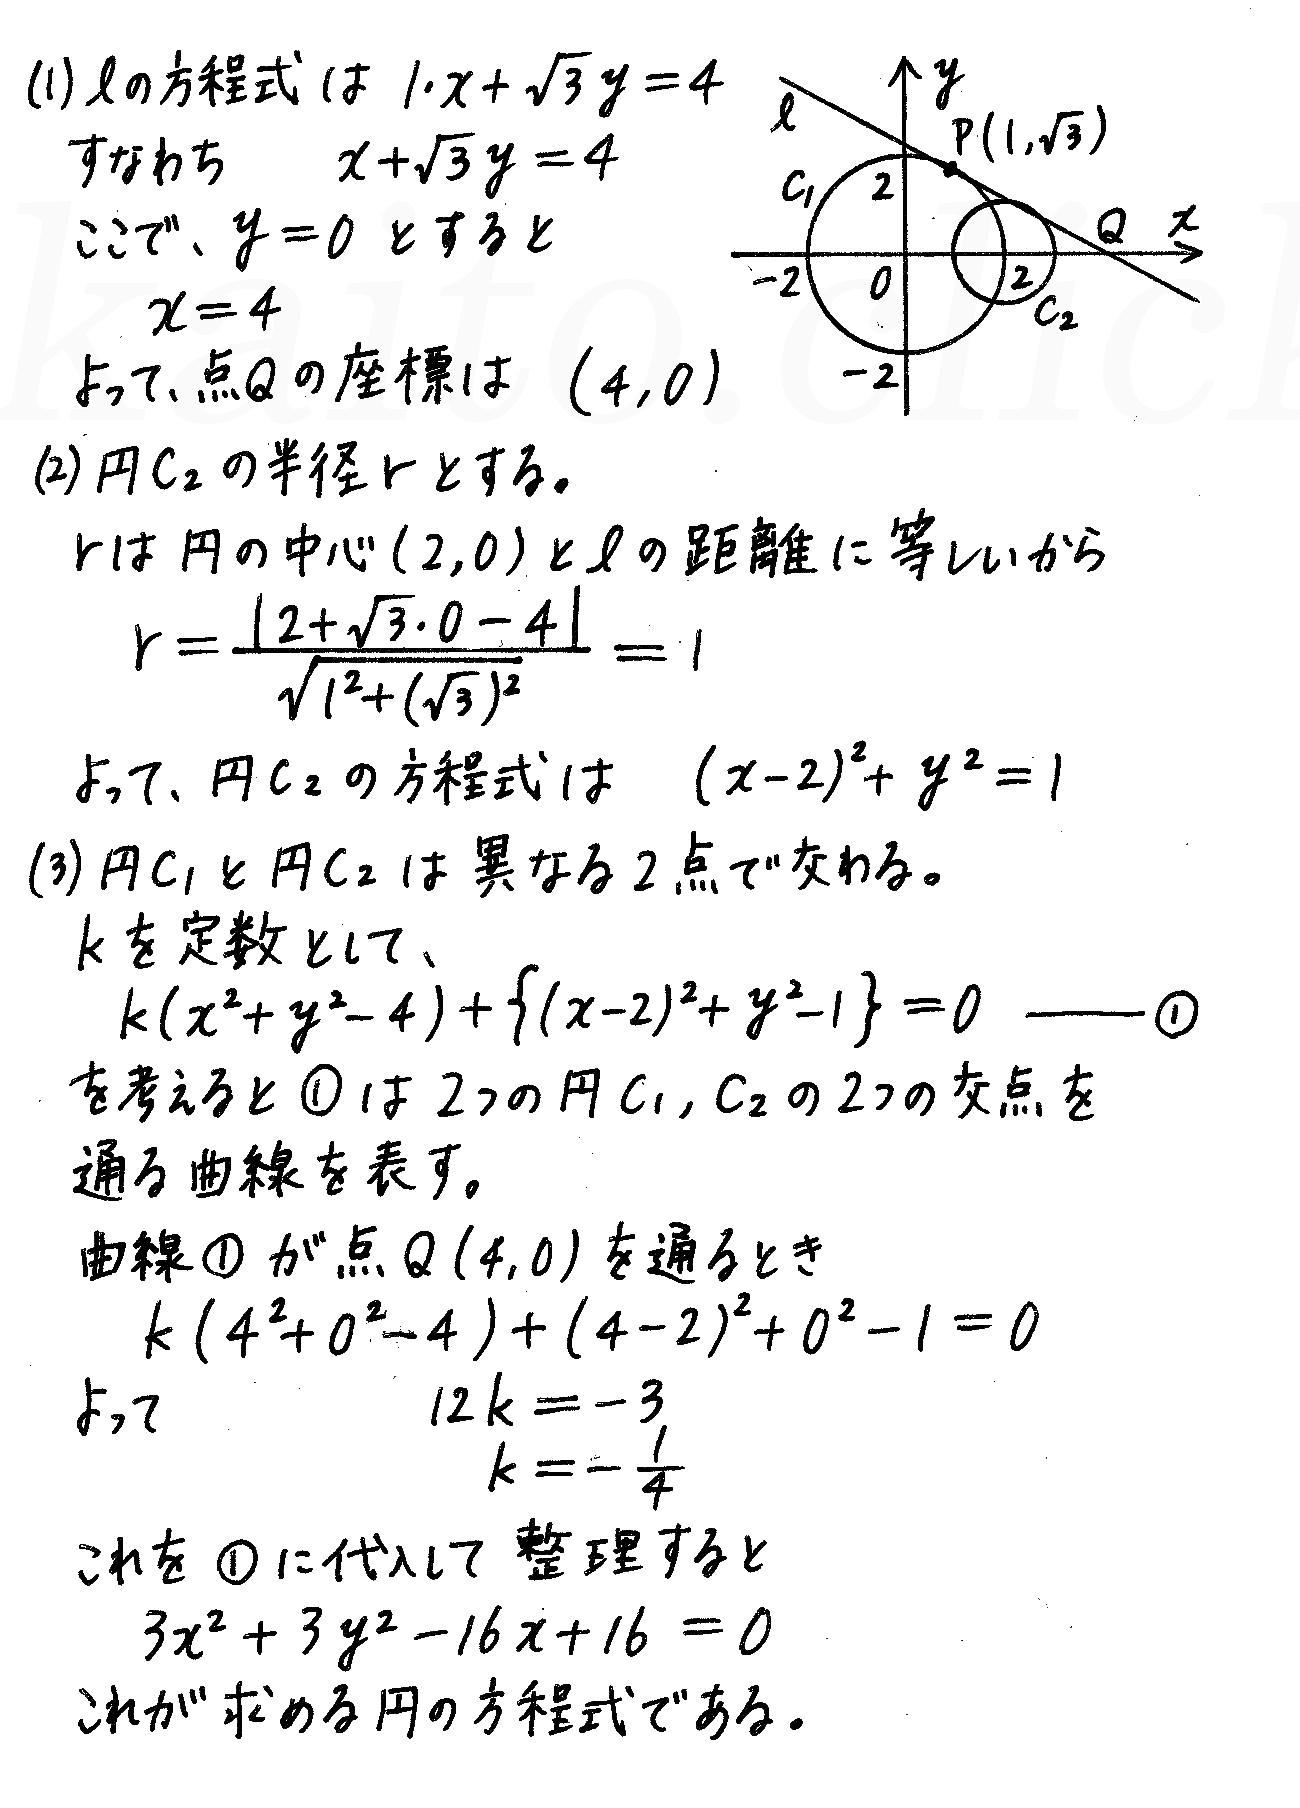 4STEP数学2-e17解答